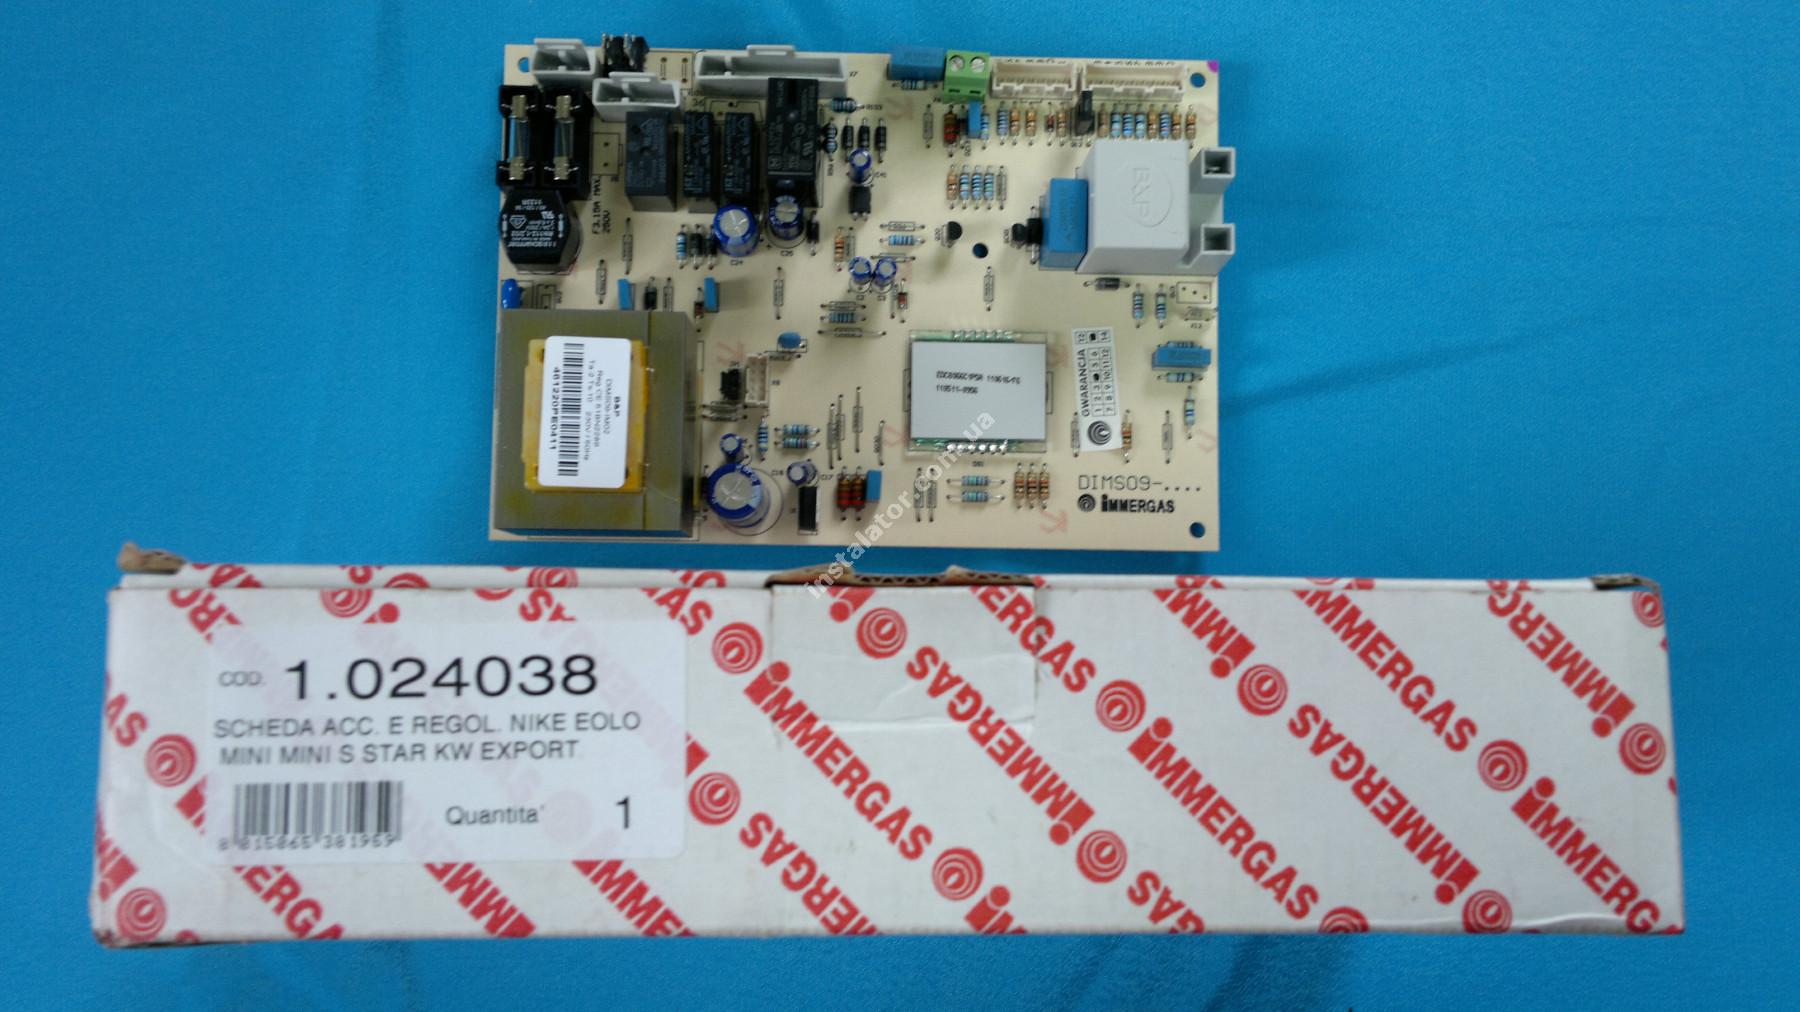 1.024038 Плата керування IMMERGAS Mini  full-image-3